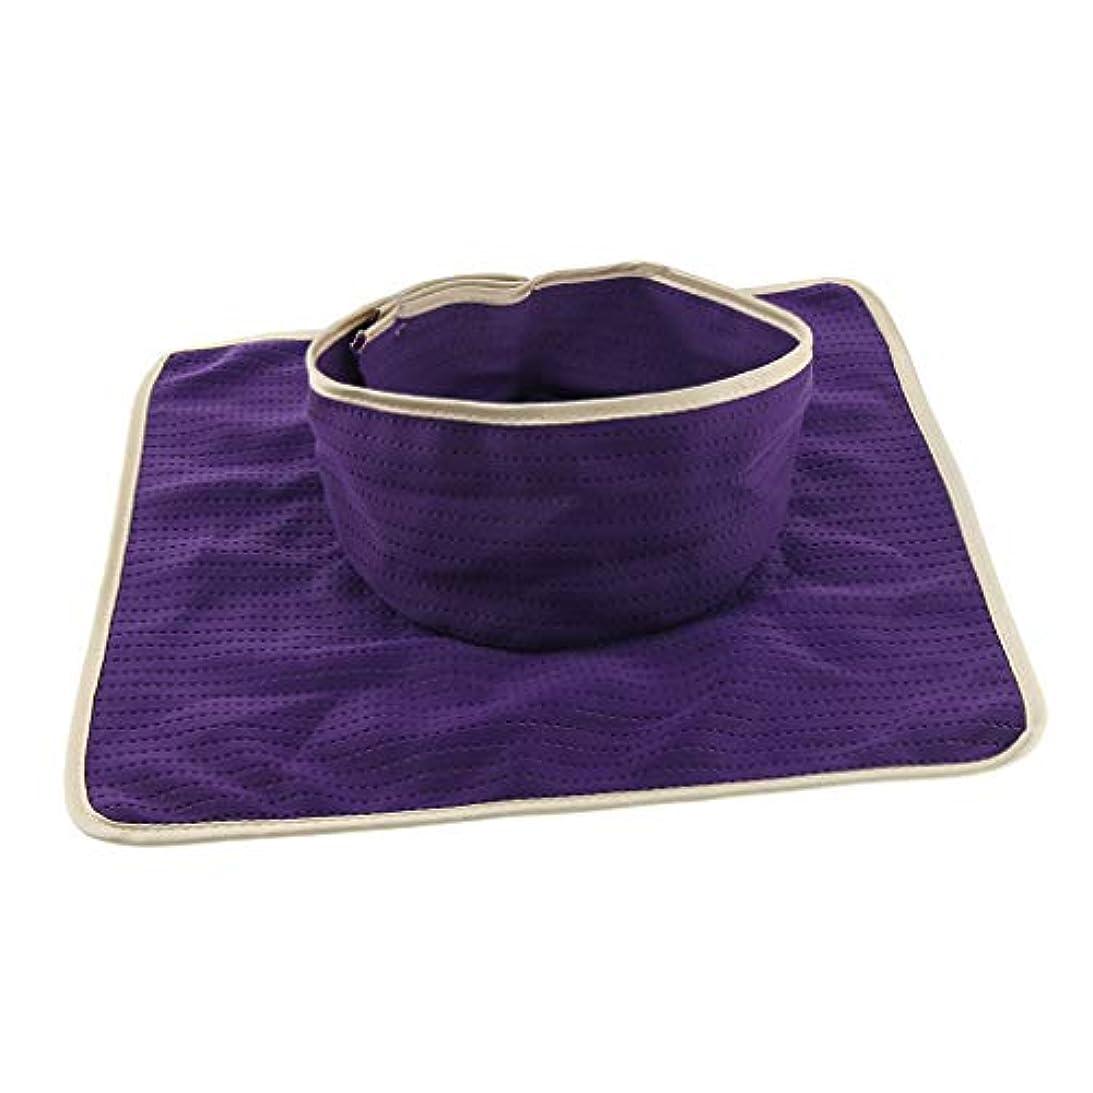 シティ力強い刈るPerfeclan マッサージ ベッドカバー シート パッド 洗濯可能 再利用可能 約35×35cm 全3色 - 紫